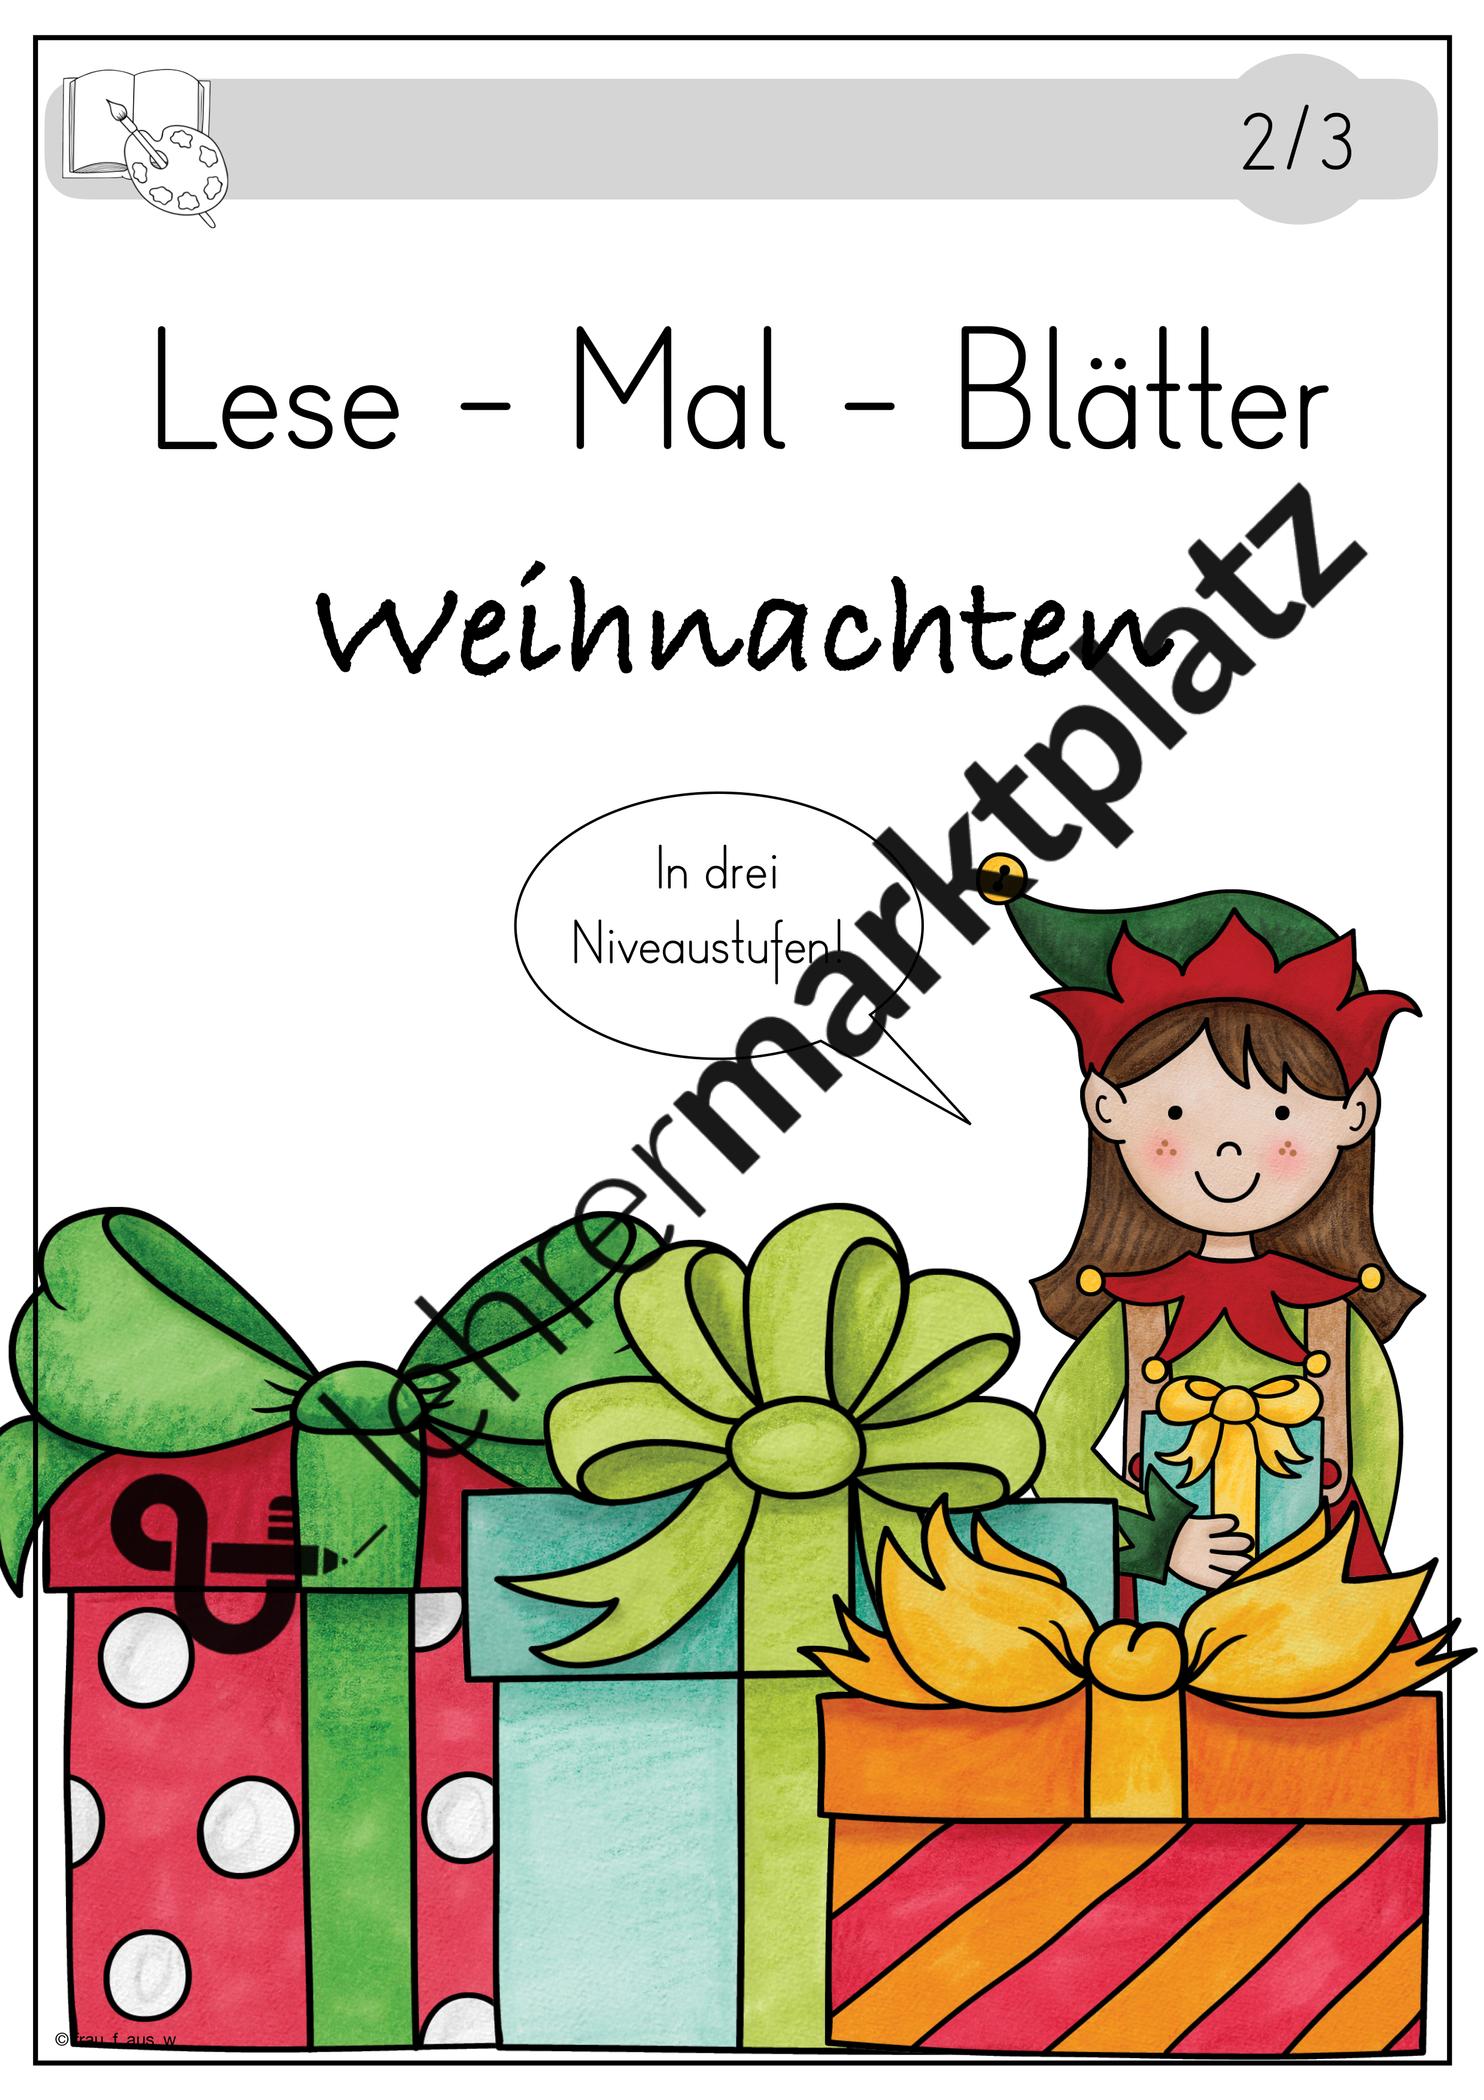 Lese Mal Blatter Weihnachten Weihnachtenauflmp